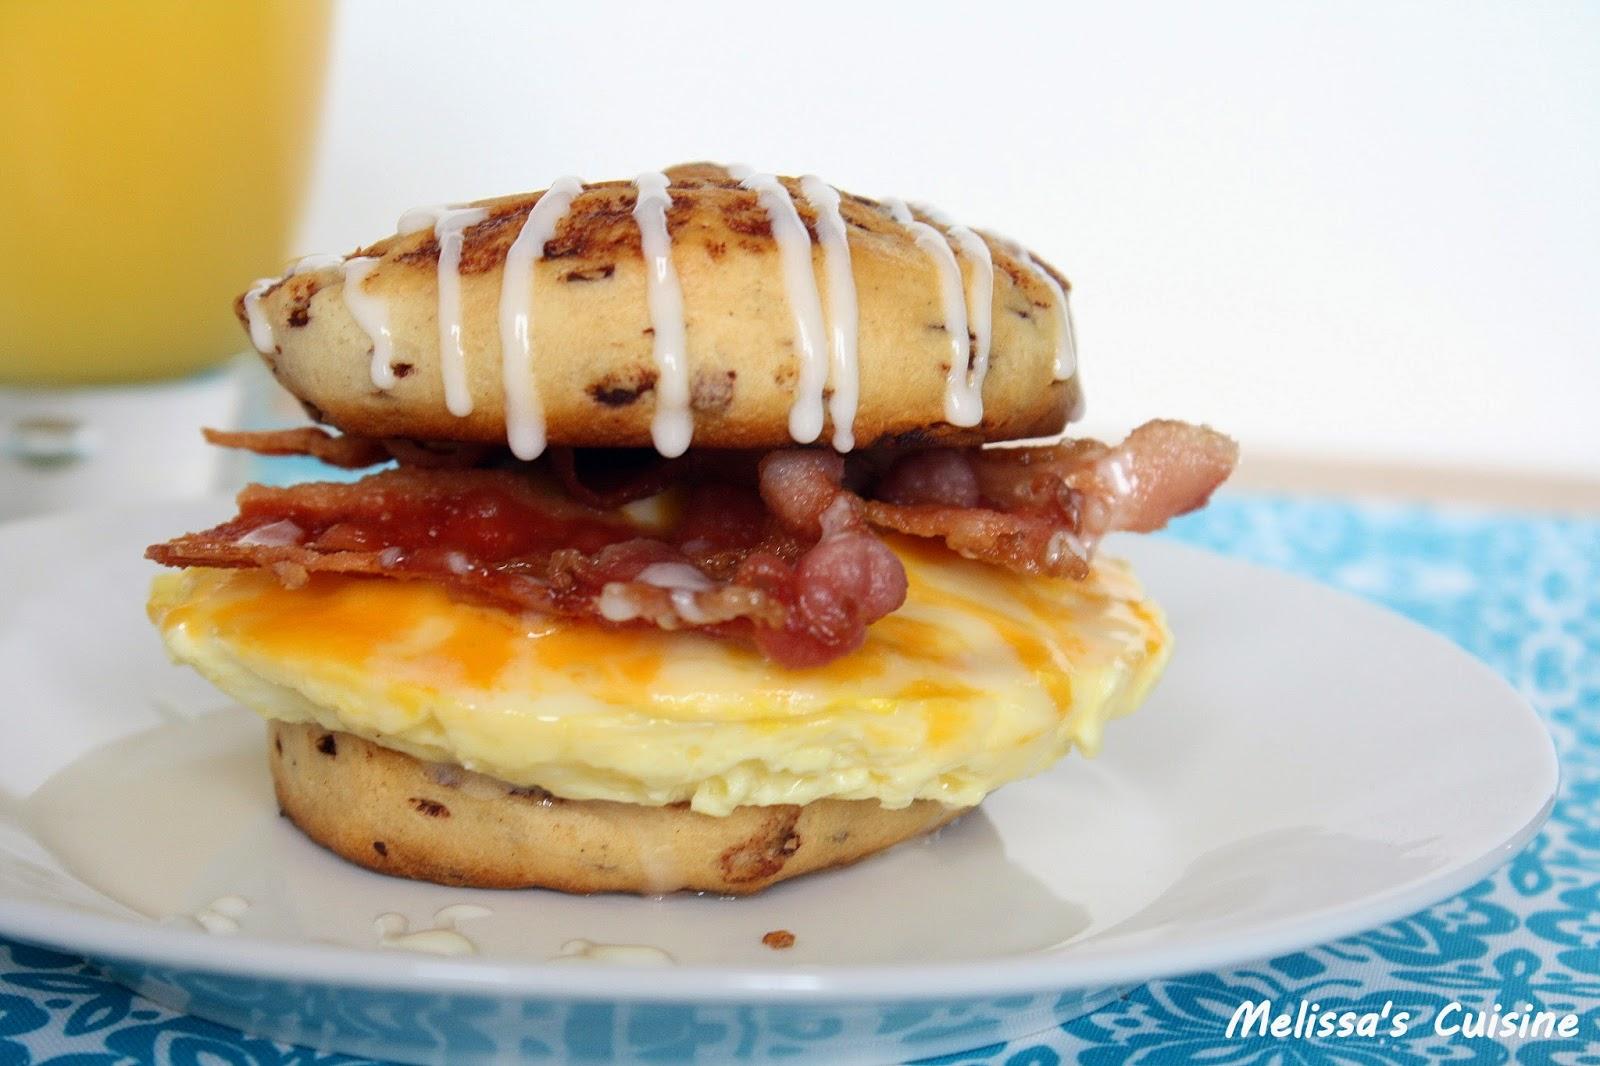 Melissa's Cuisine: Cinnamon Roll Breakfast Sandwich